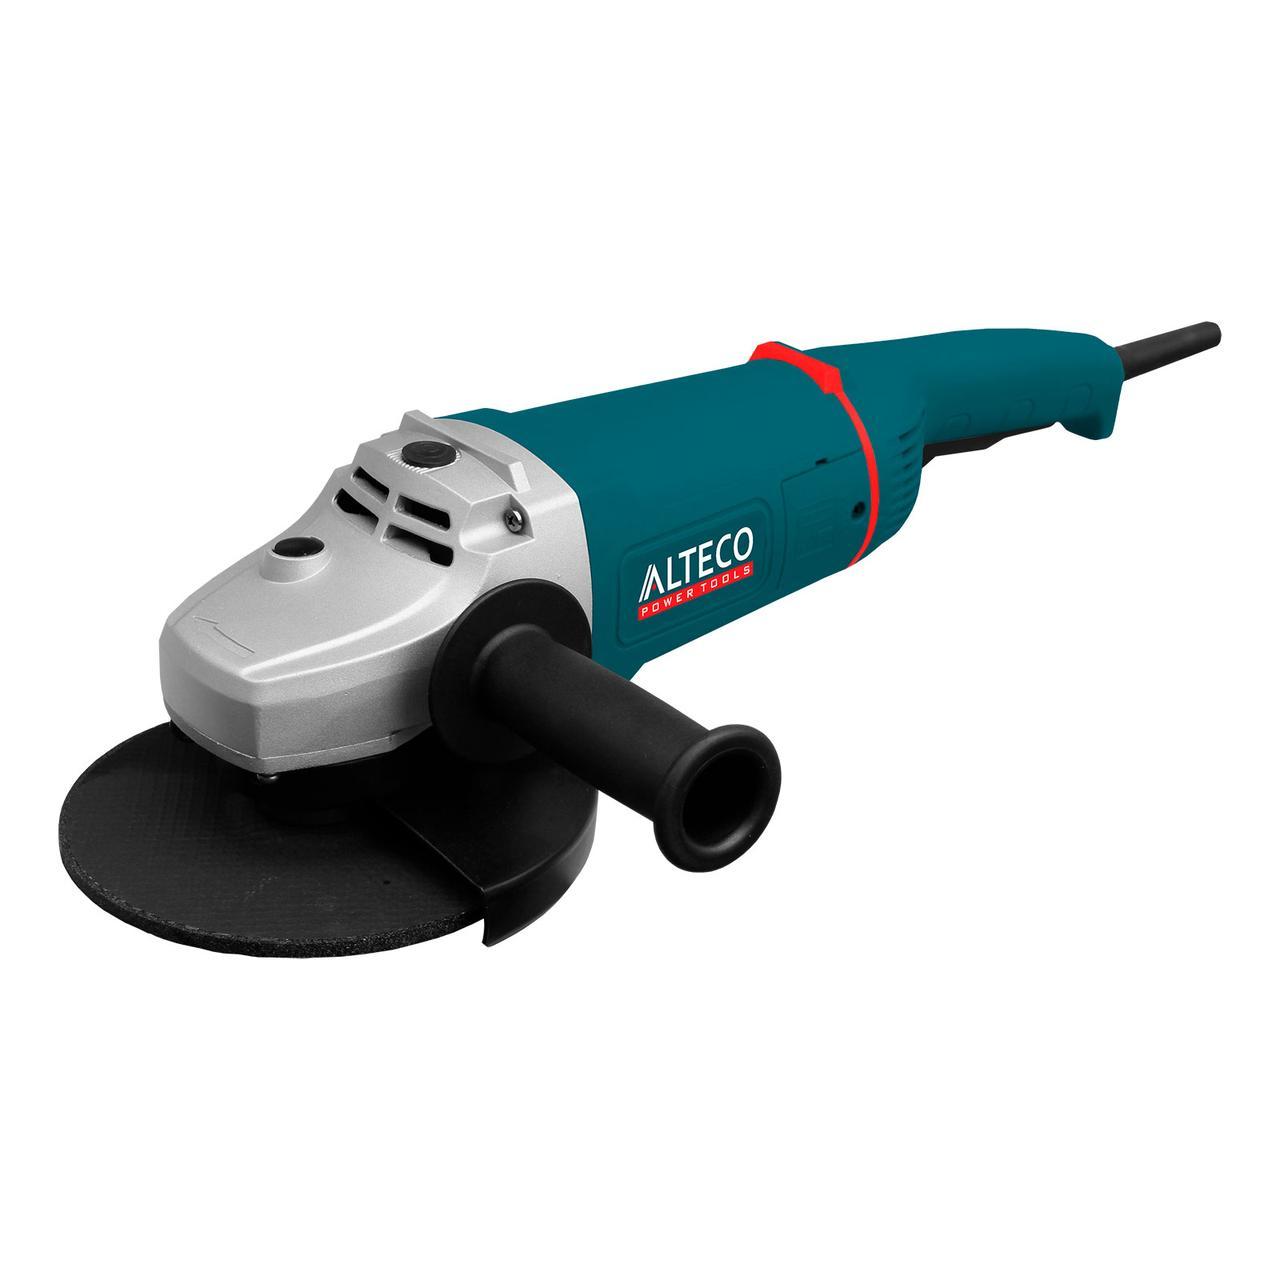 ALTECO AG 2200-230 Угловая шлифмашина